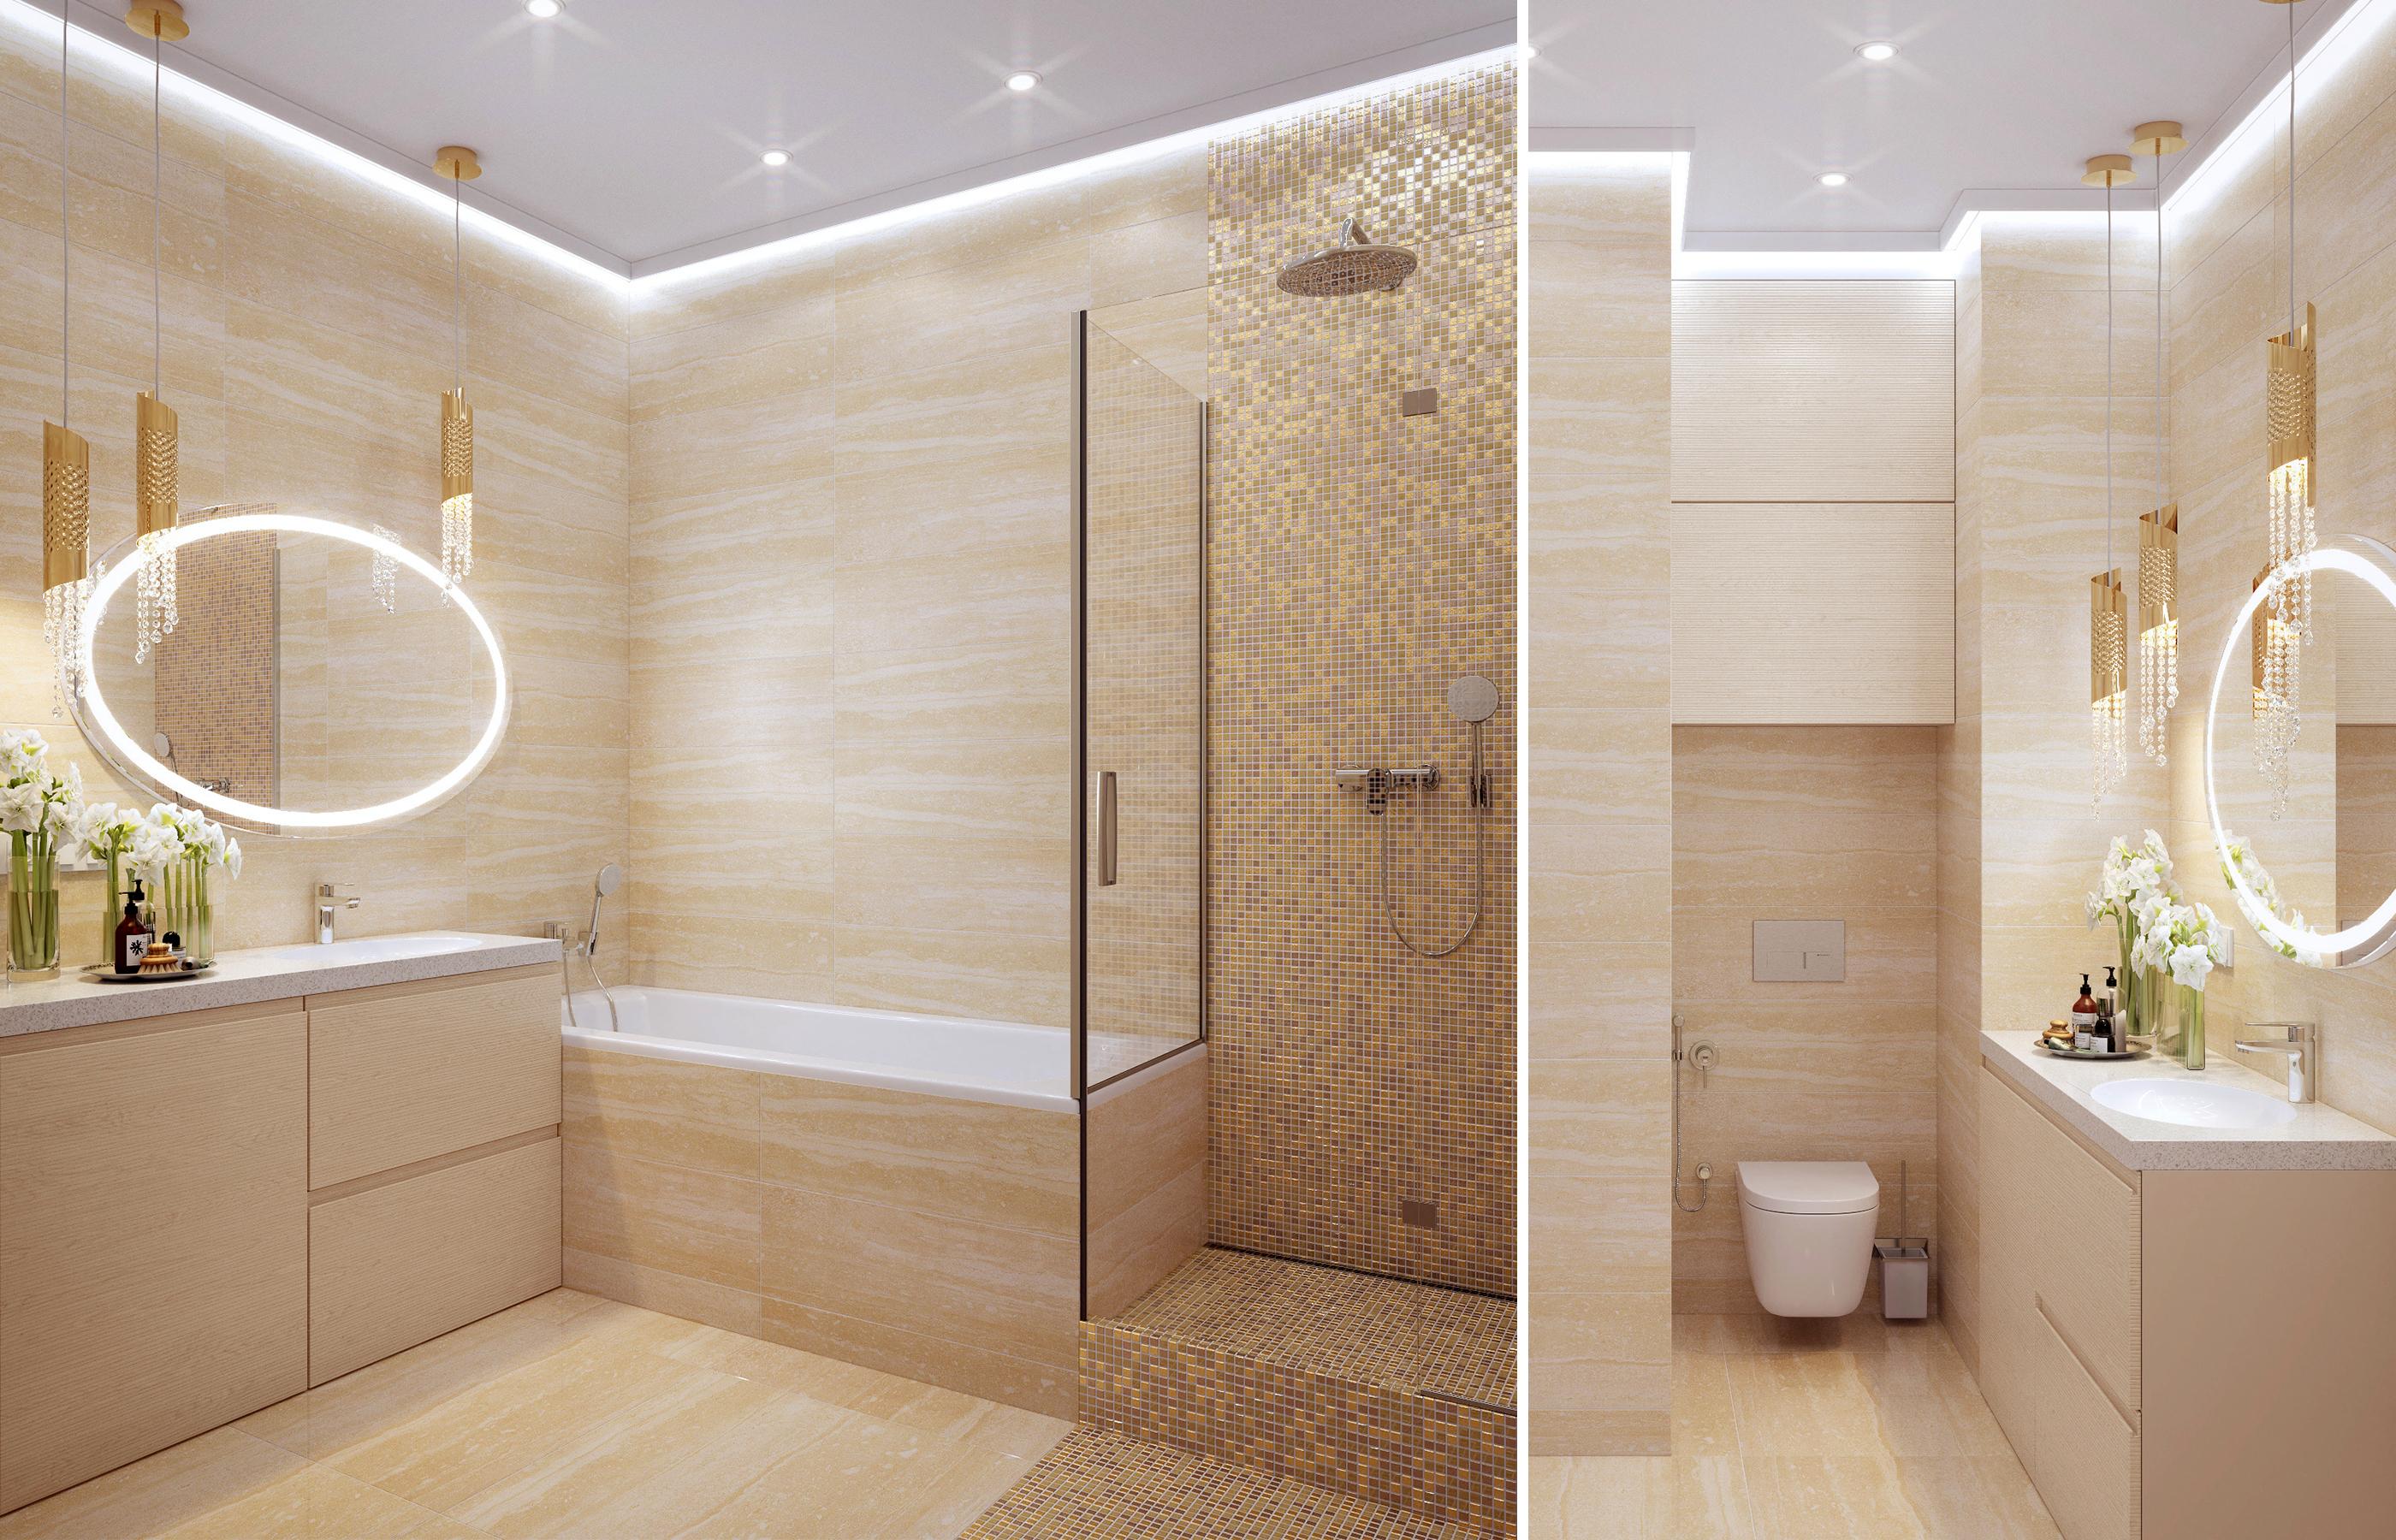 В оформлении интерьера ванной комнаты использован керамогранит итальянской фабрики FAP